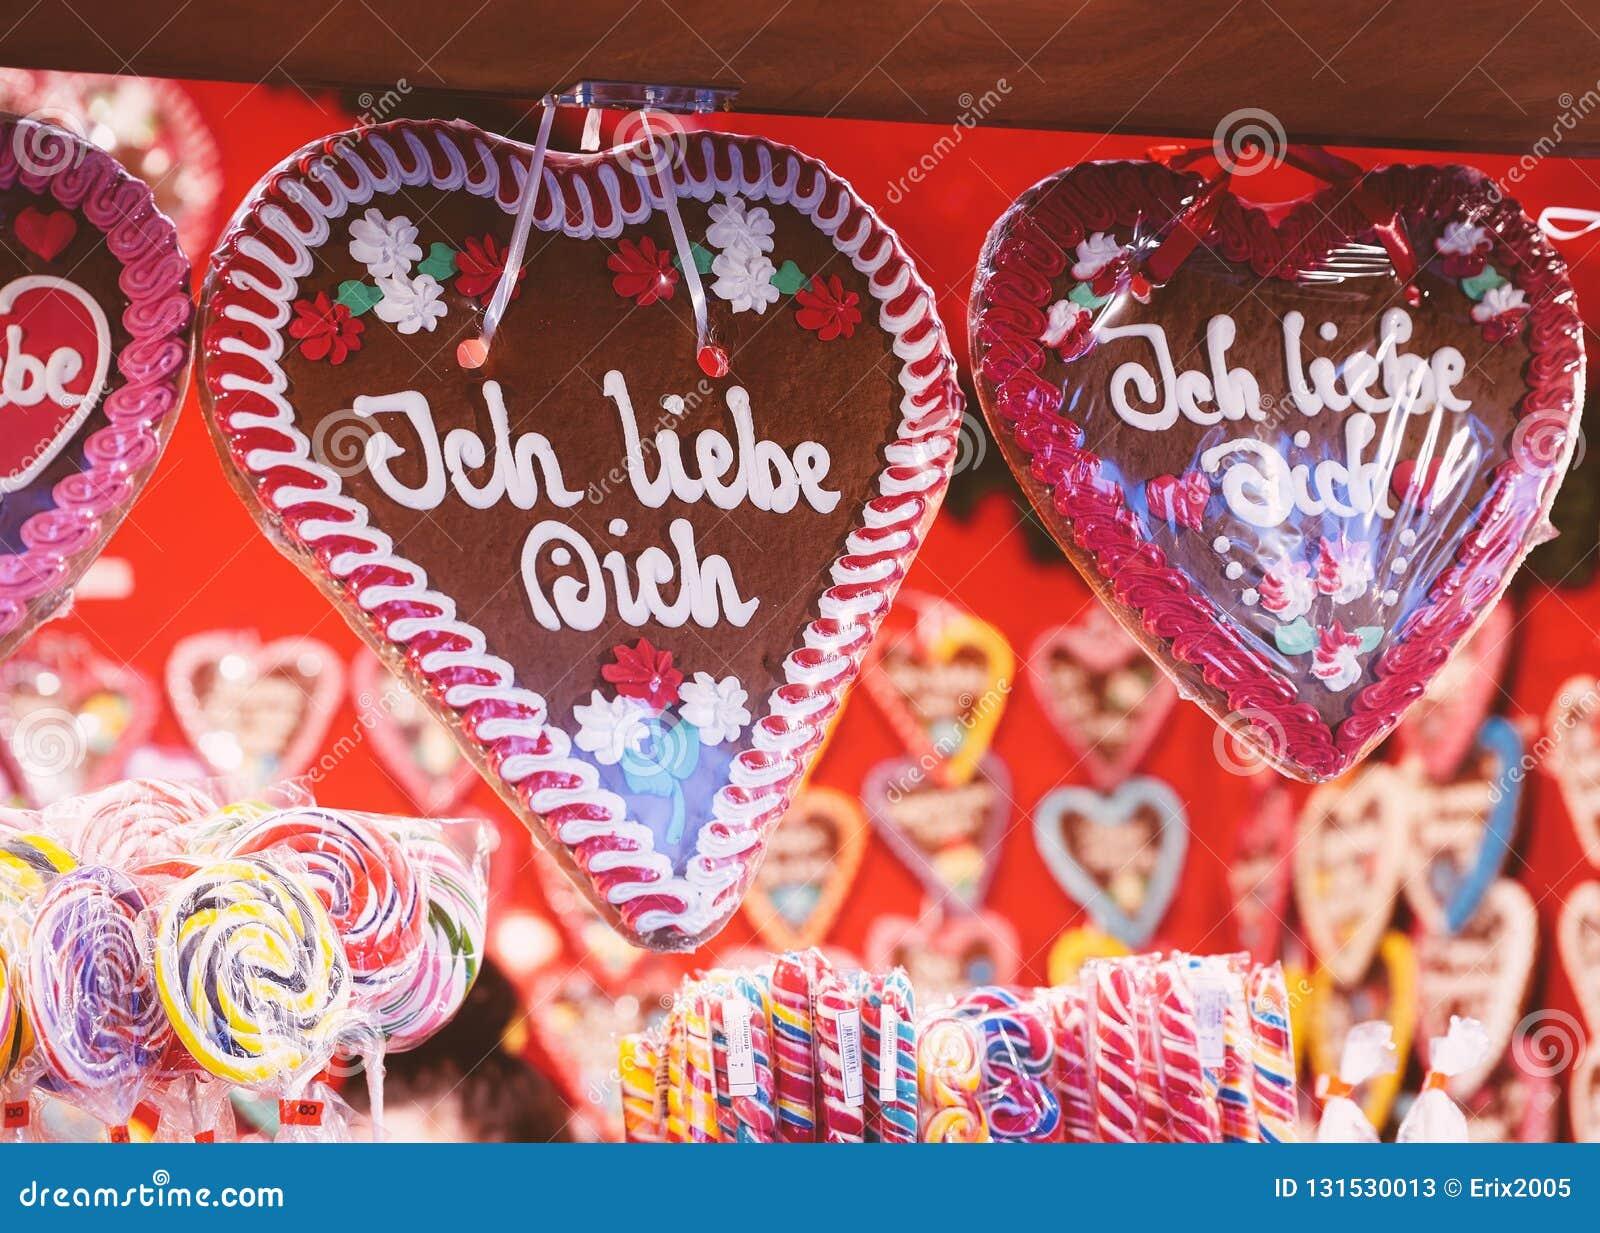 Gingerbread Hearts Cookies In Christmas Market At Gendarmenmarkt In